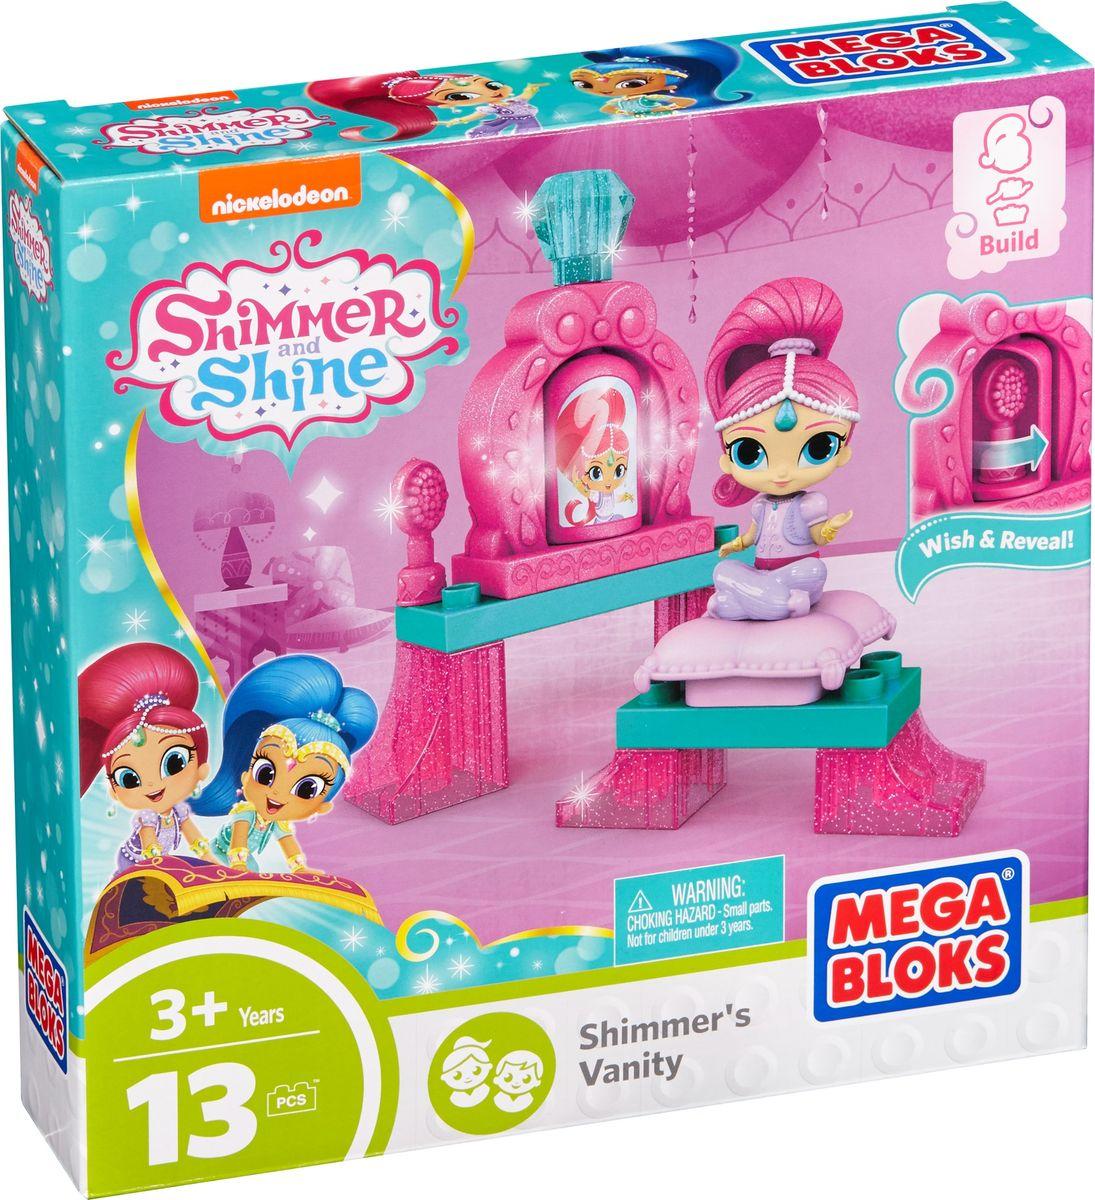 все цены на Mega Bloks Shimmer & Shine Конструктор Мечты маленьких джинников Shimmer's Vanity в интернете